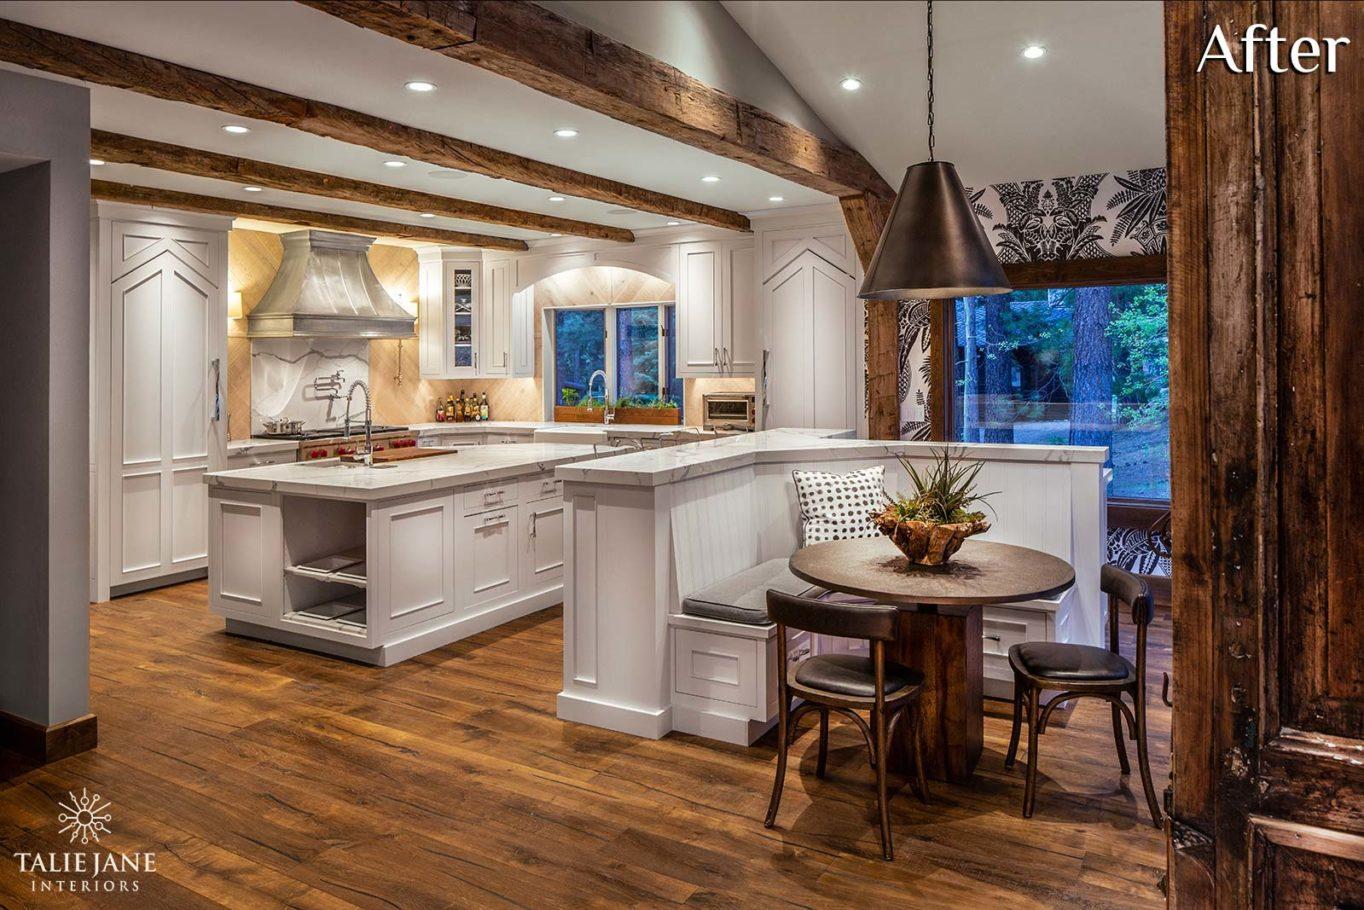 Kitchen Interior Design - Talie Jane Interiors